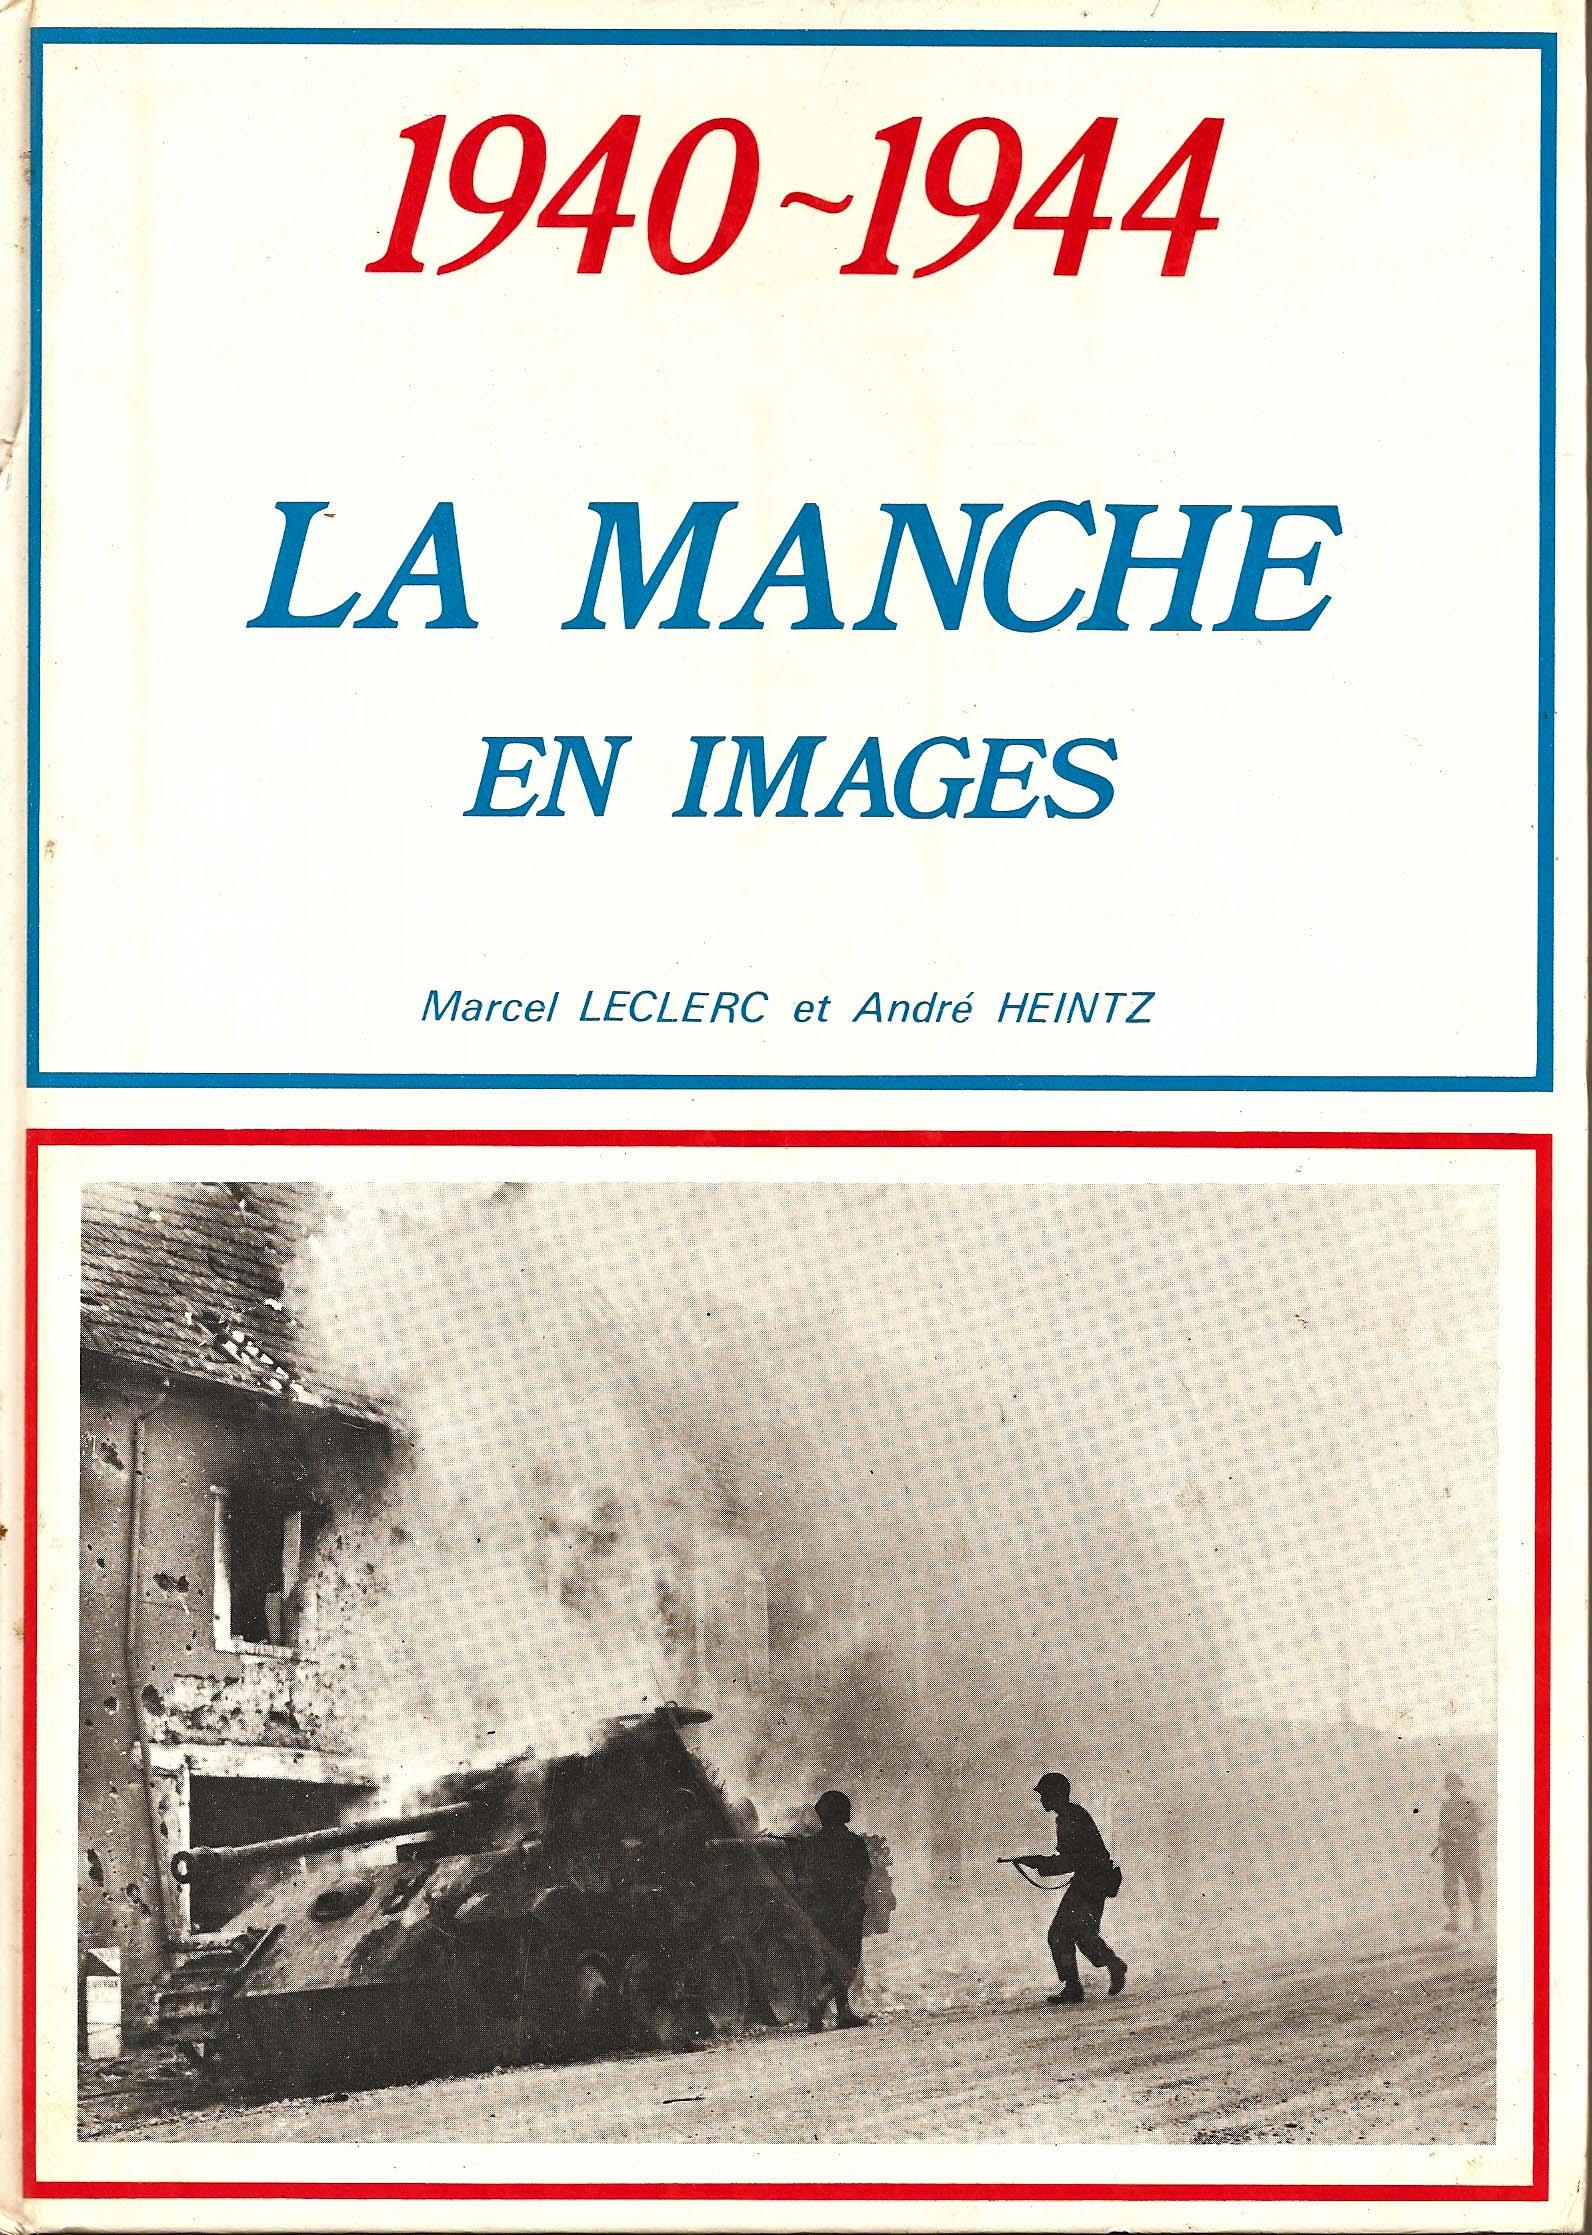 1940-1944 La Manche en images